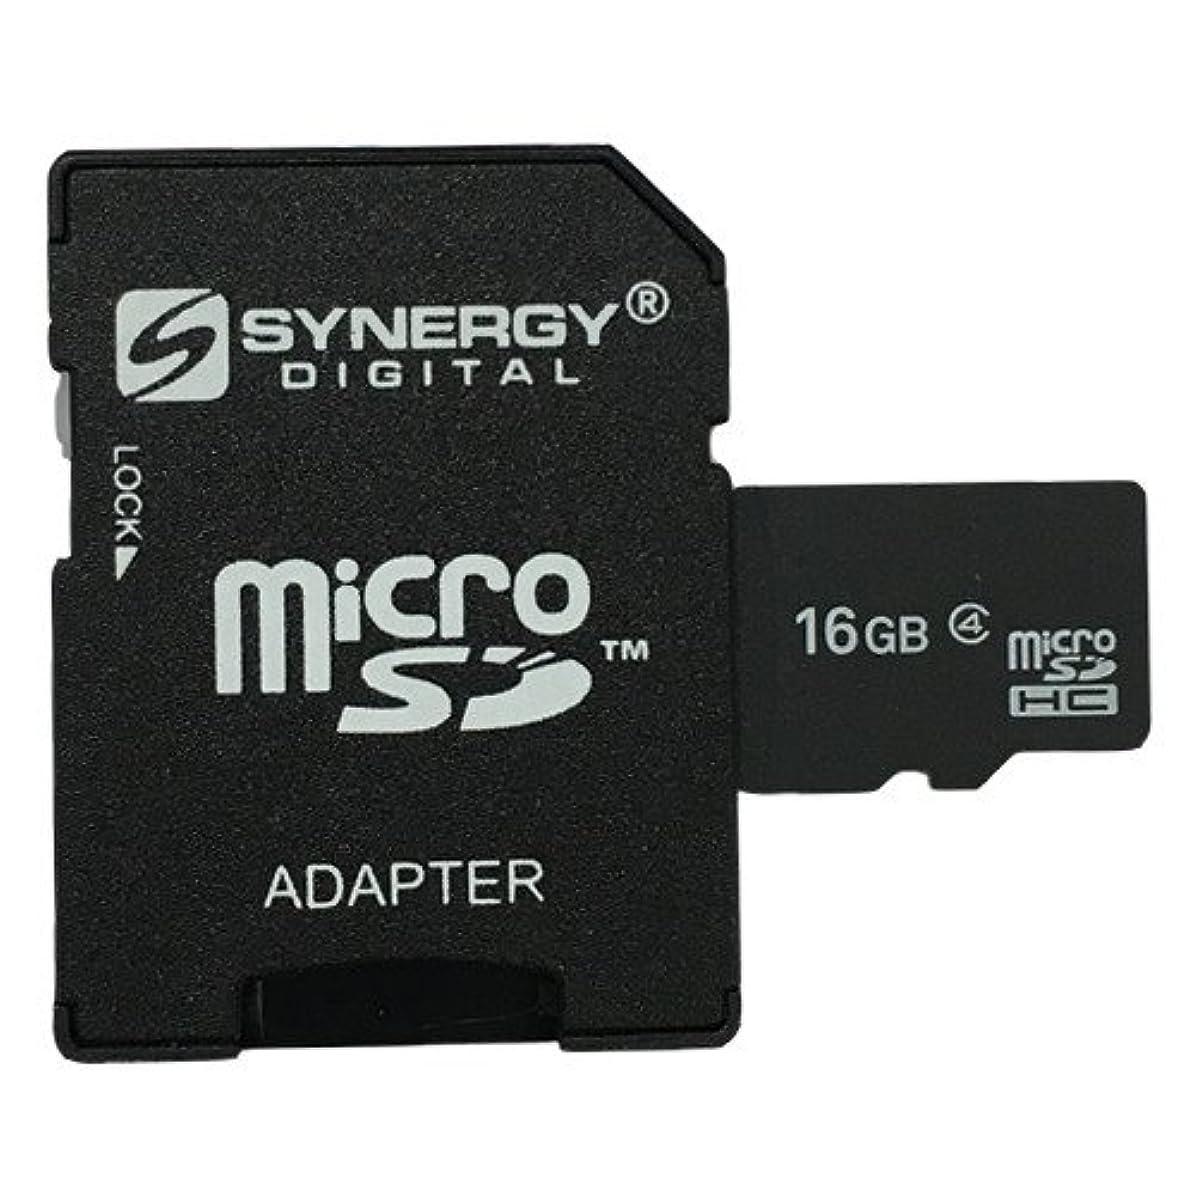 おじいちゃん郡出しますHuawei p9 Liteセル携帯電話のメモリカード16 GB microSDHCメモリカードSDアダプタ